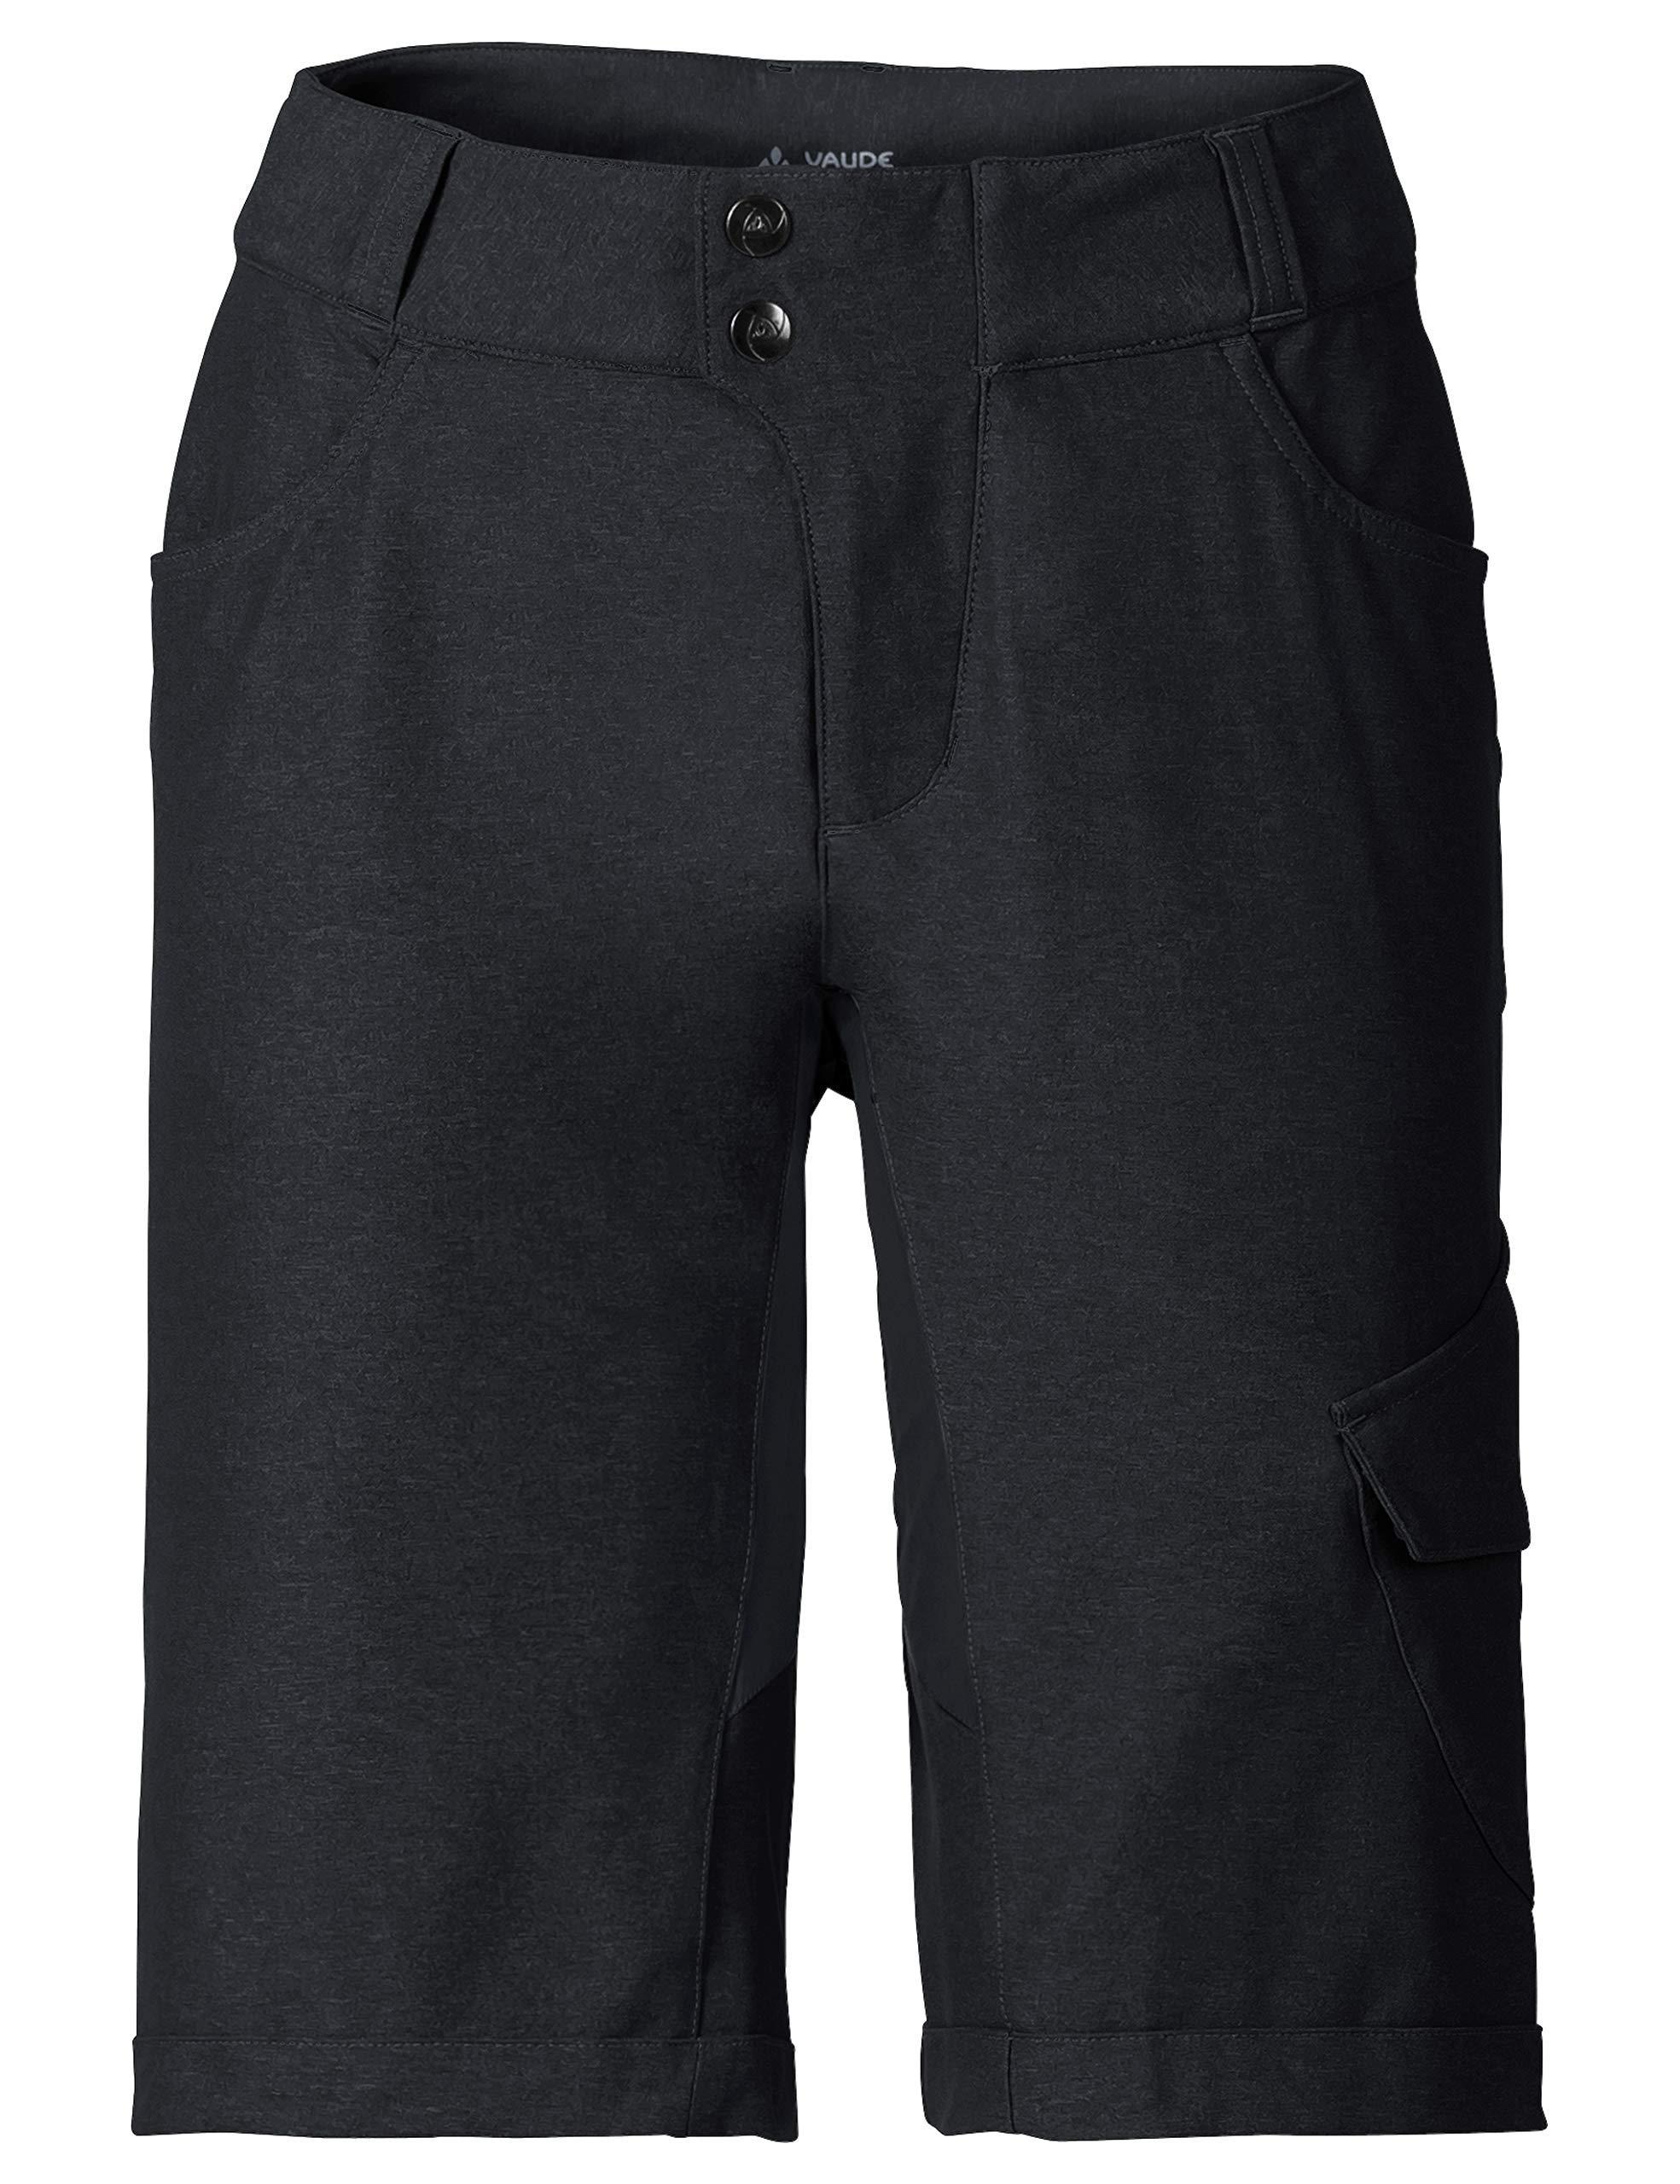 VAUDE Damen Hose Tremalzo Shorts II, black, 36, 405070100360